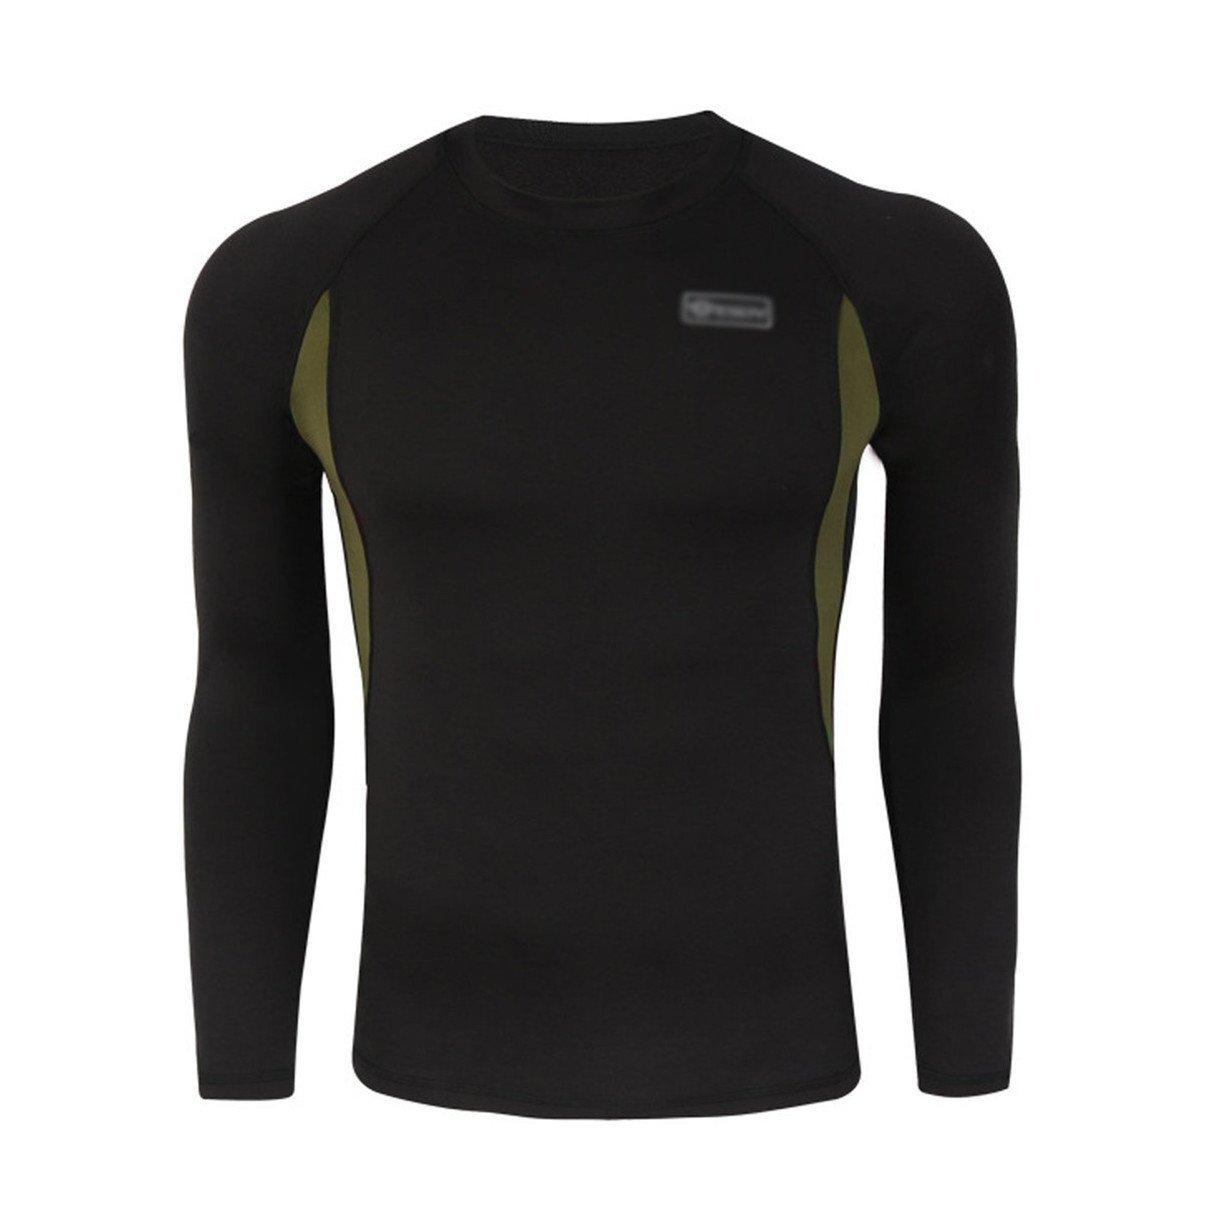 BLF - Conjunto de ropa interior caliente para el invierno, ropa térmica interior para el traje de esquí, manga larga y pantalón largo, color negro, ...